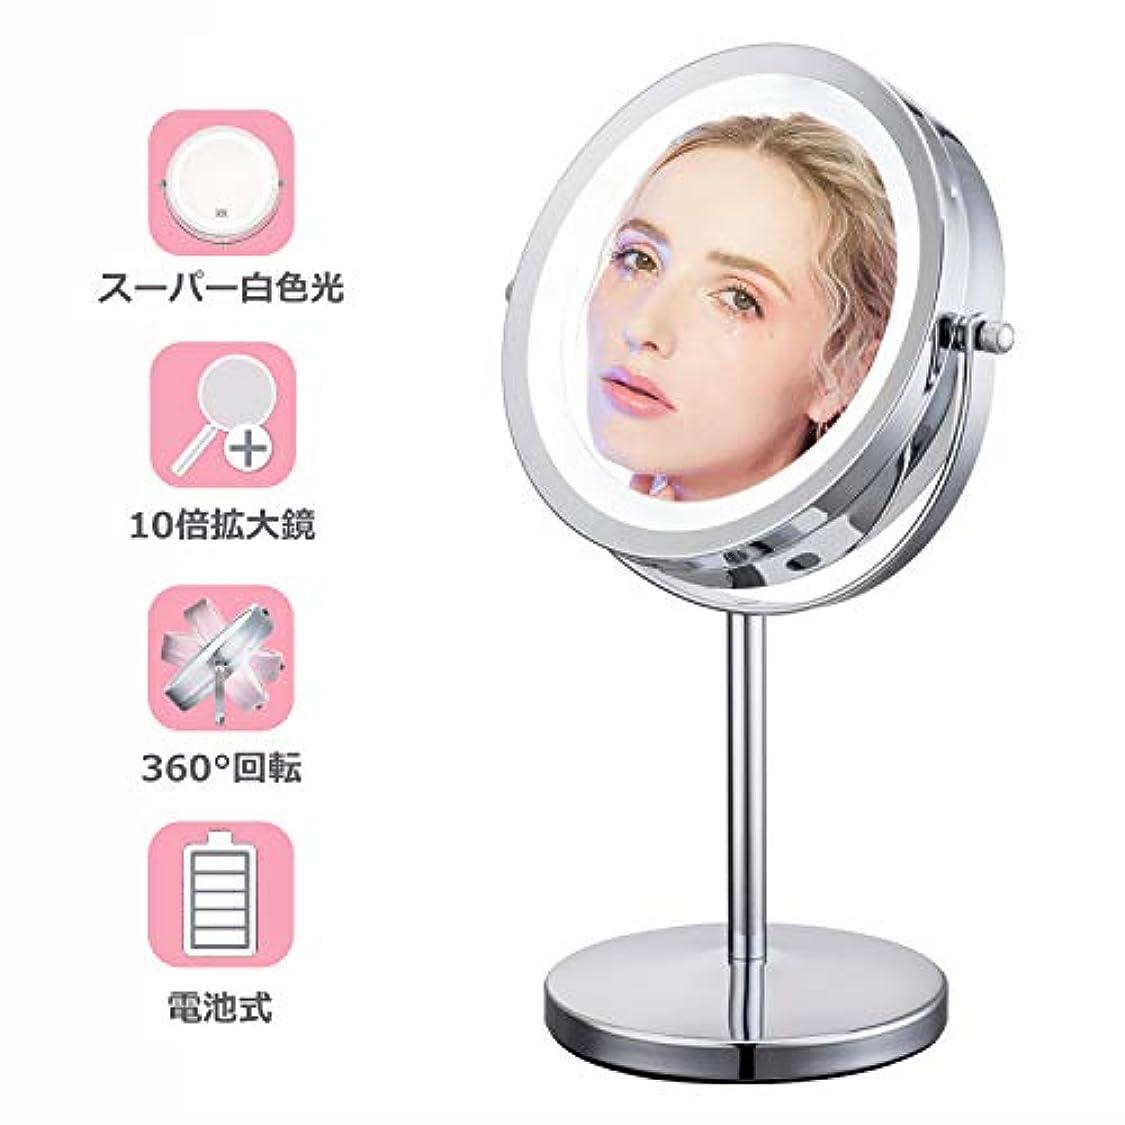 ウェーハベリーインカ帝国10倍拡大鏡 LEDライト付き 真実の両面鏡 360度回転 卓上鏡 スタンドミラー メイク 化粧道具 【Jeking】